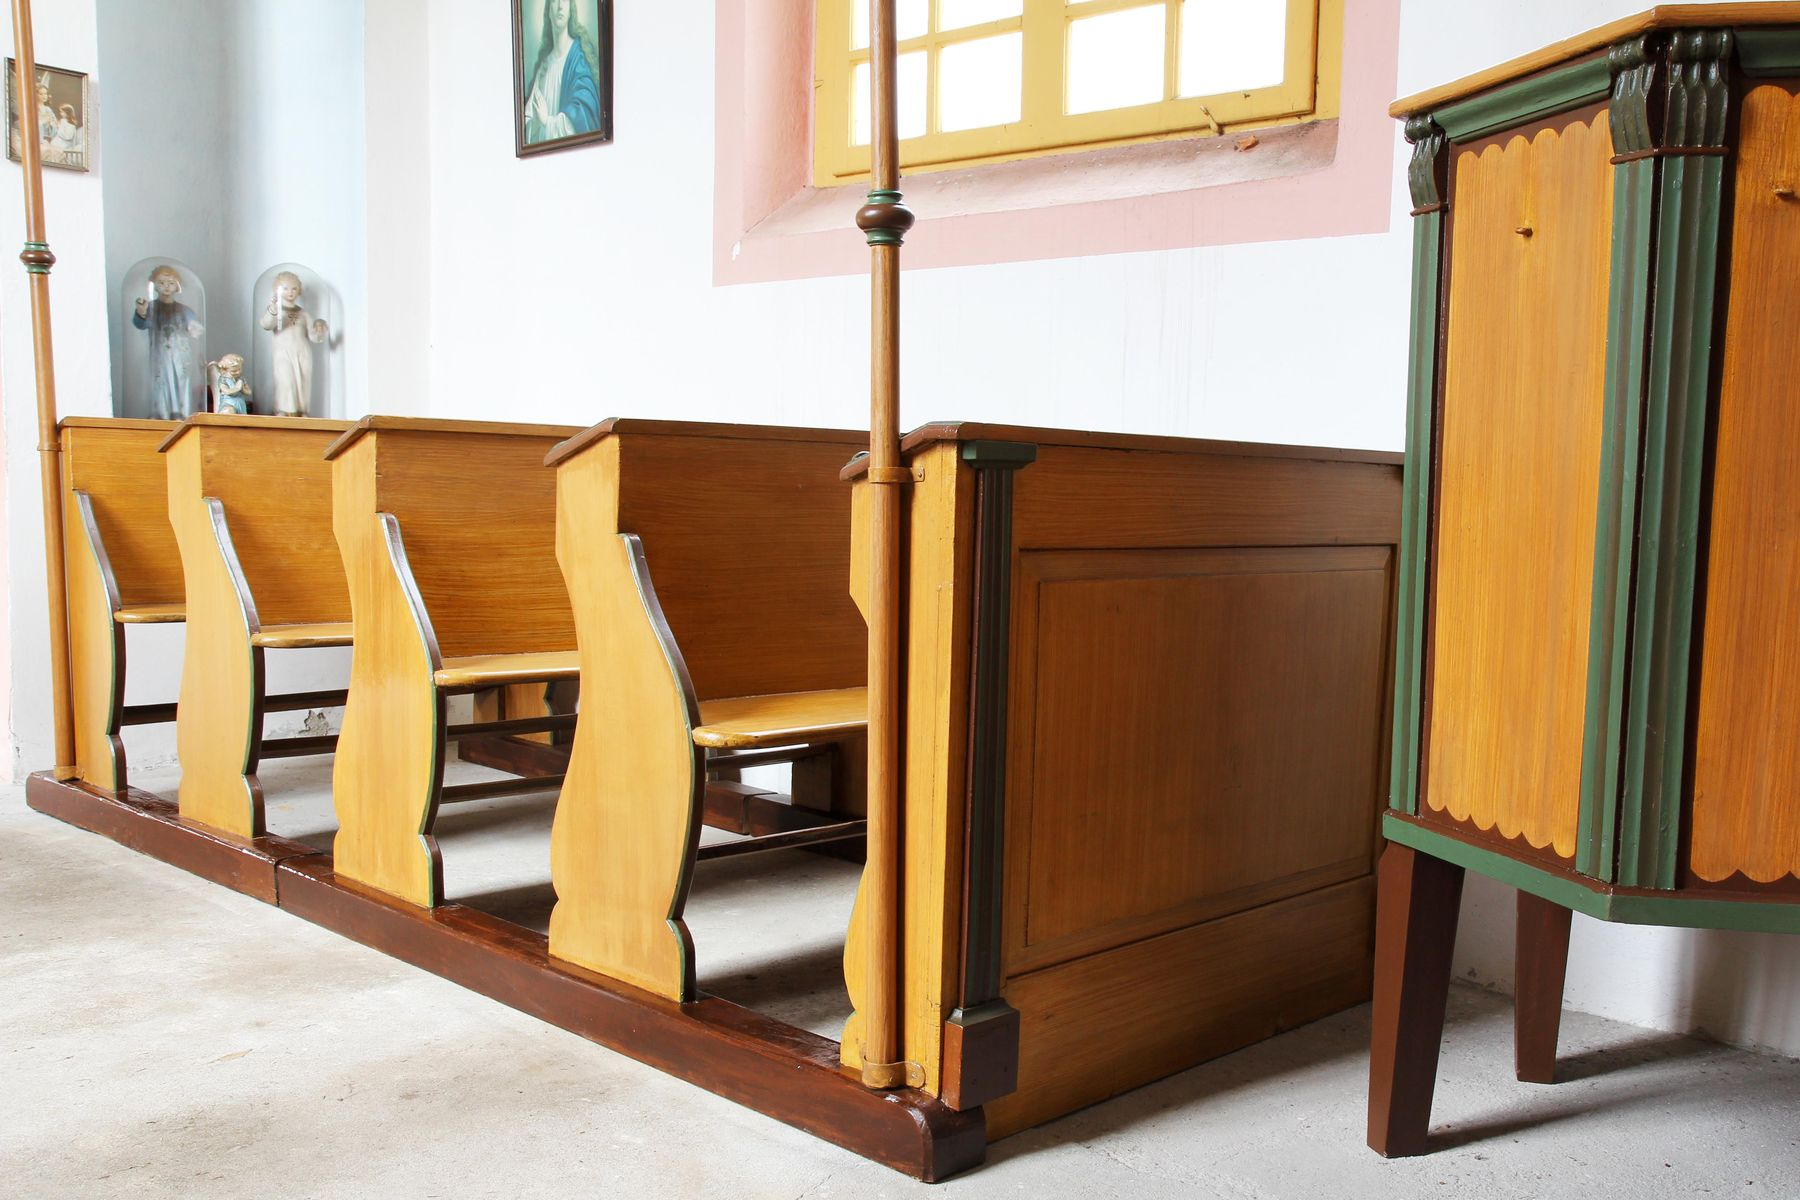 Restaurovali jsme kostelní lavice v kostele sv. Prokopa v Otvovicích - Restaurování kostelní lavice po restaurování 04